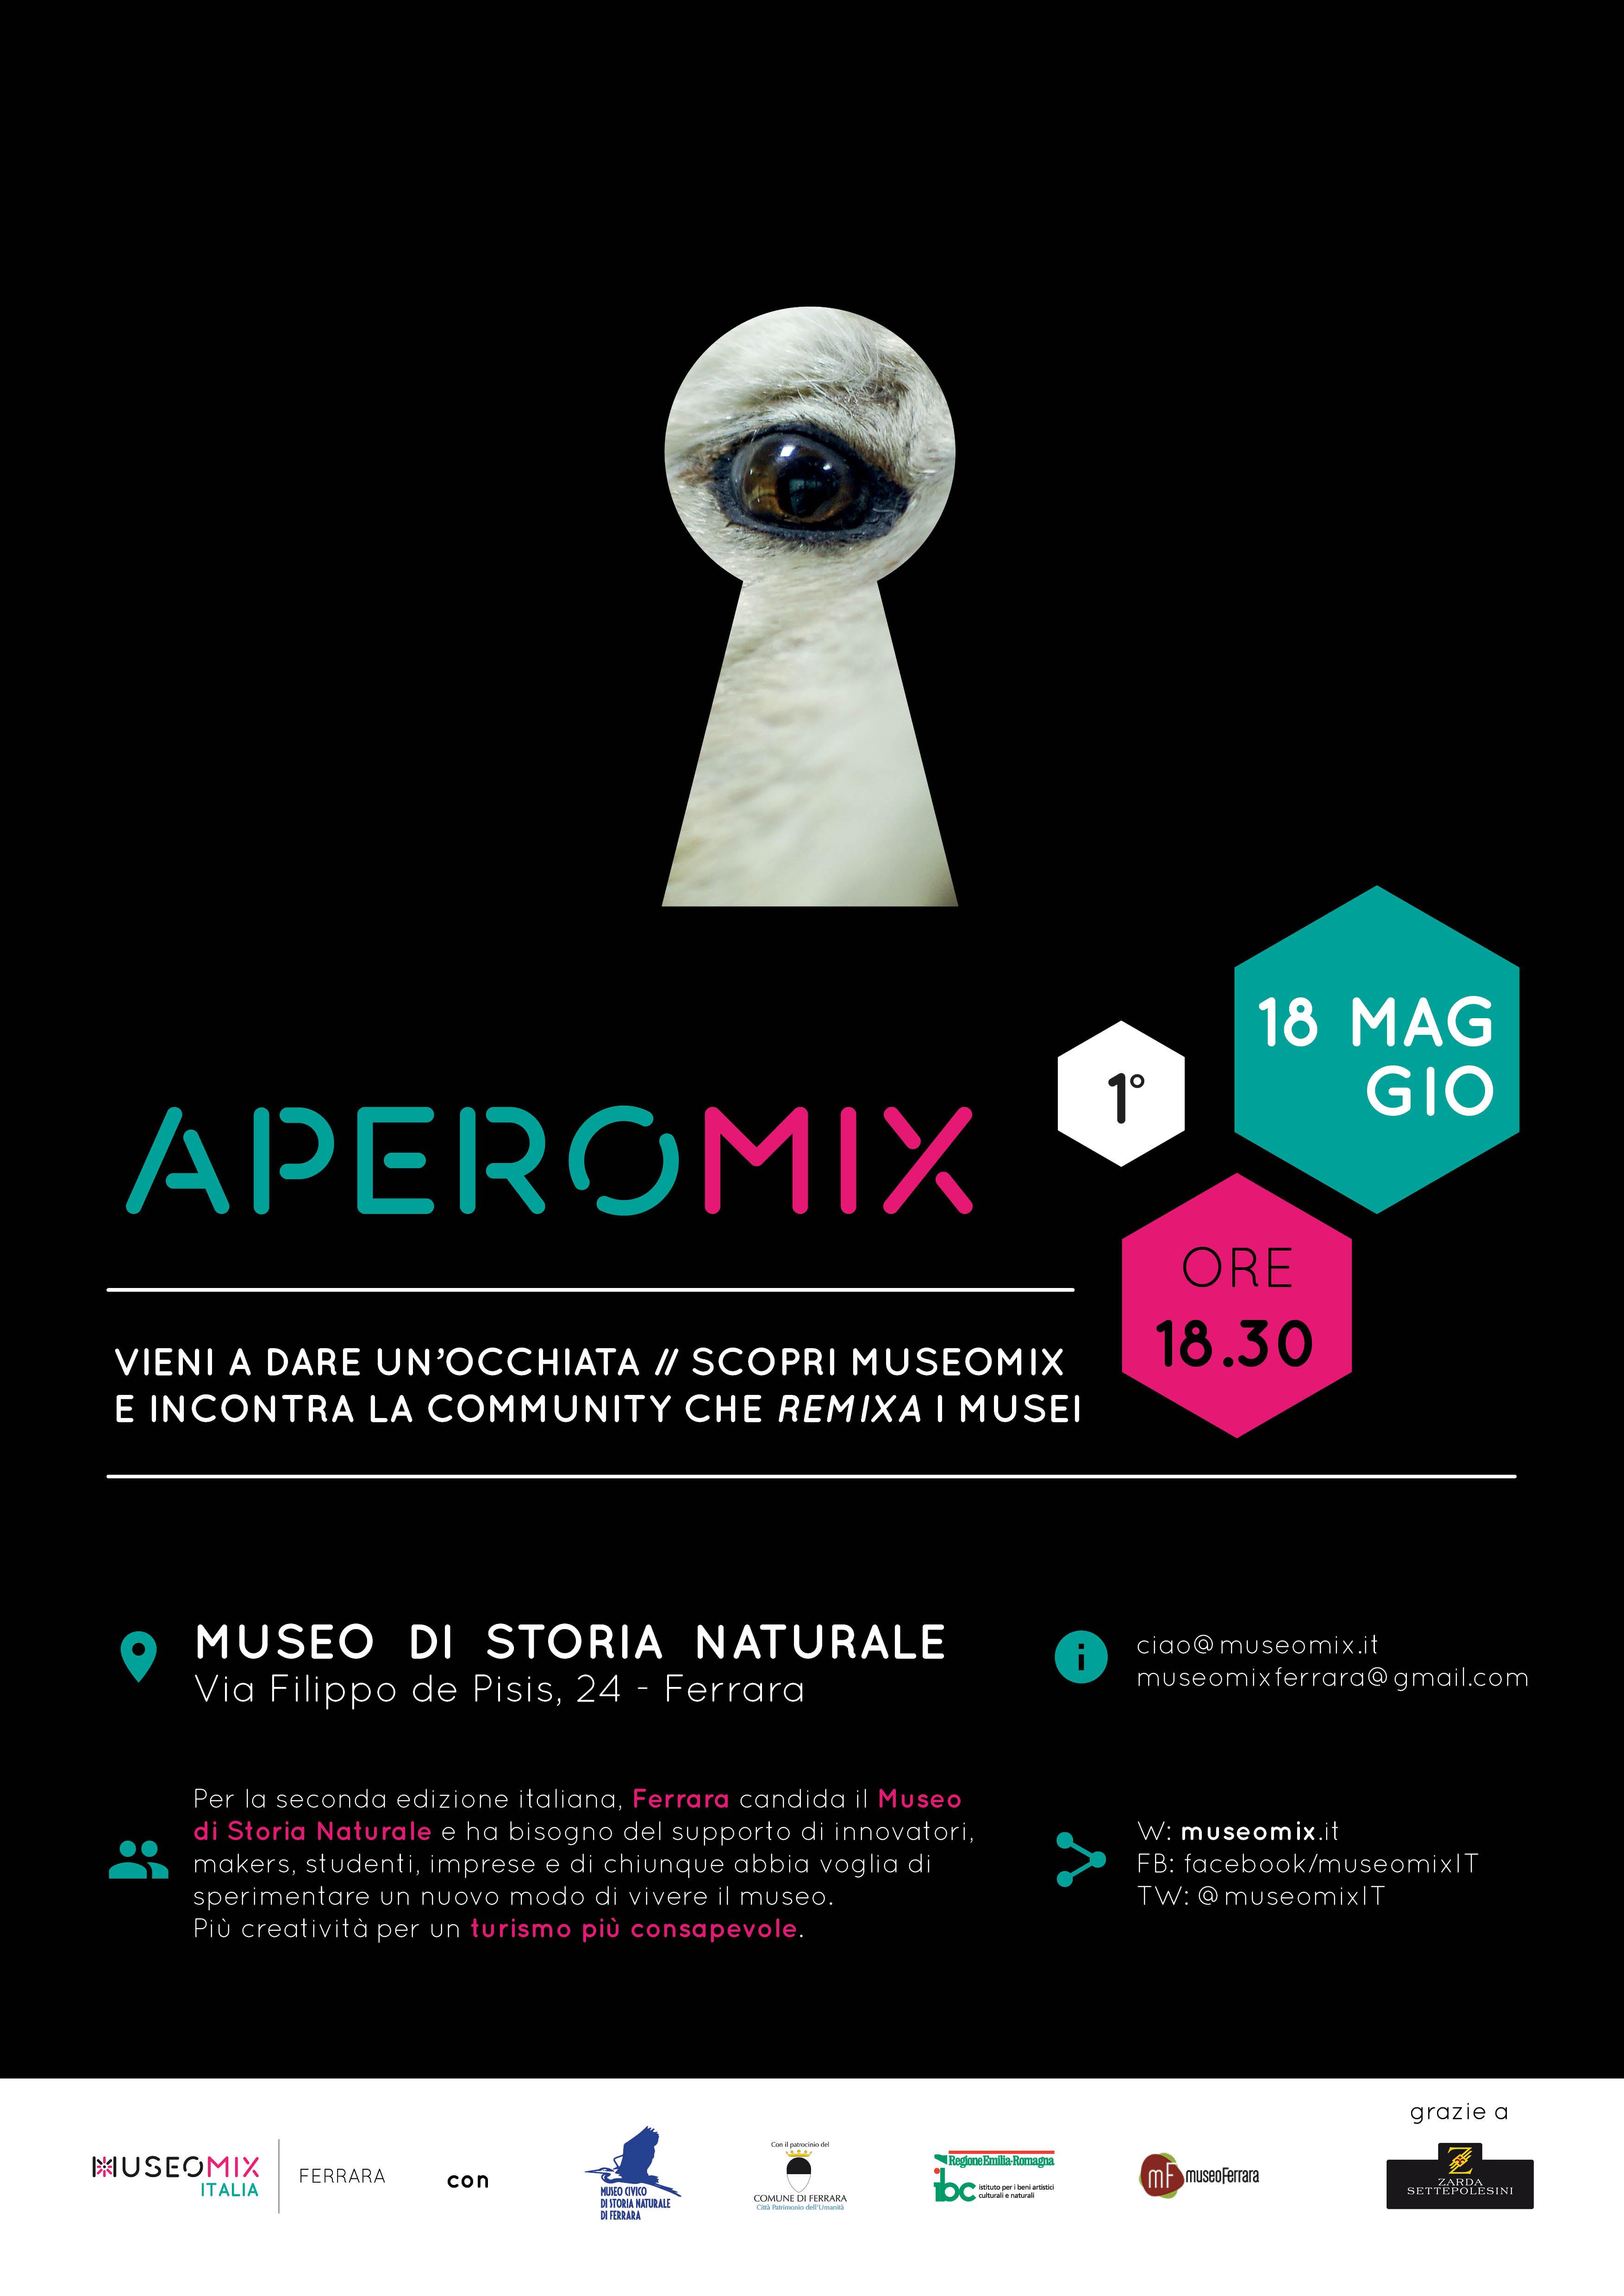 aperomix_A3